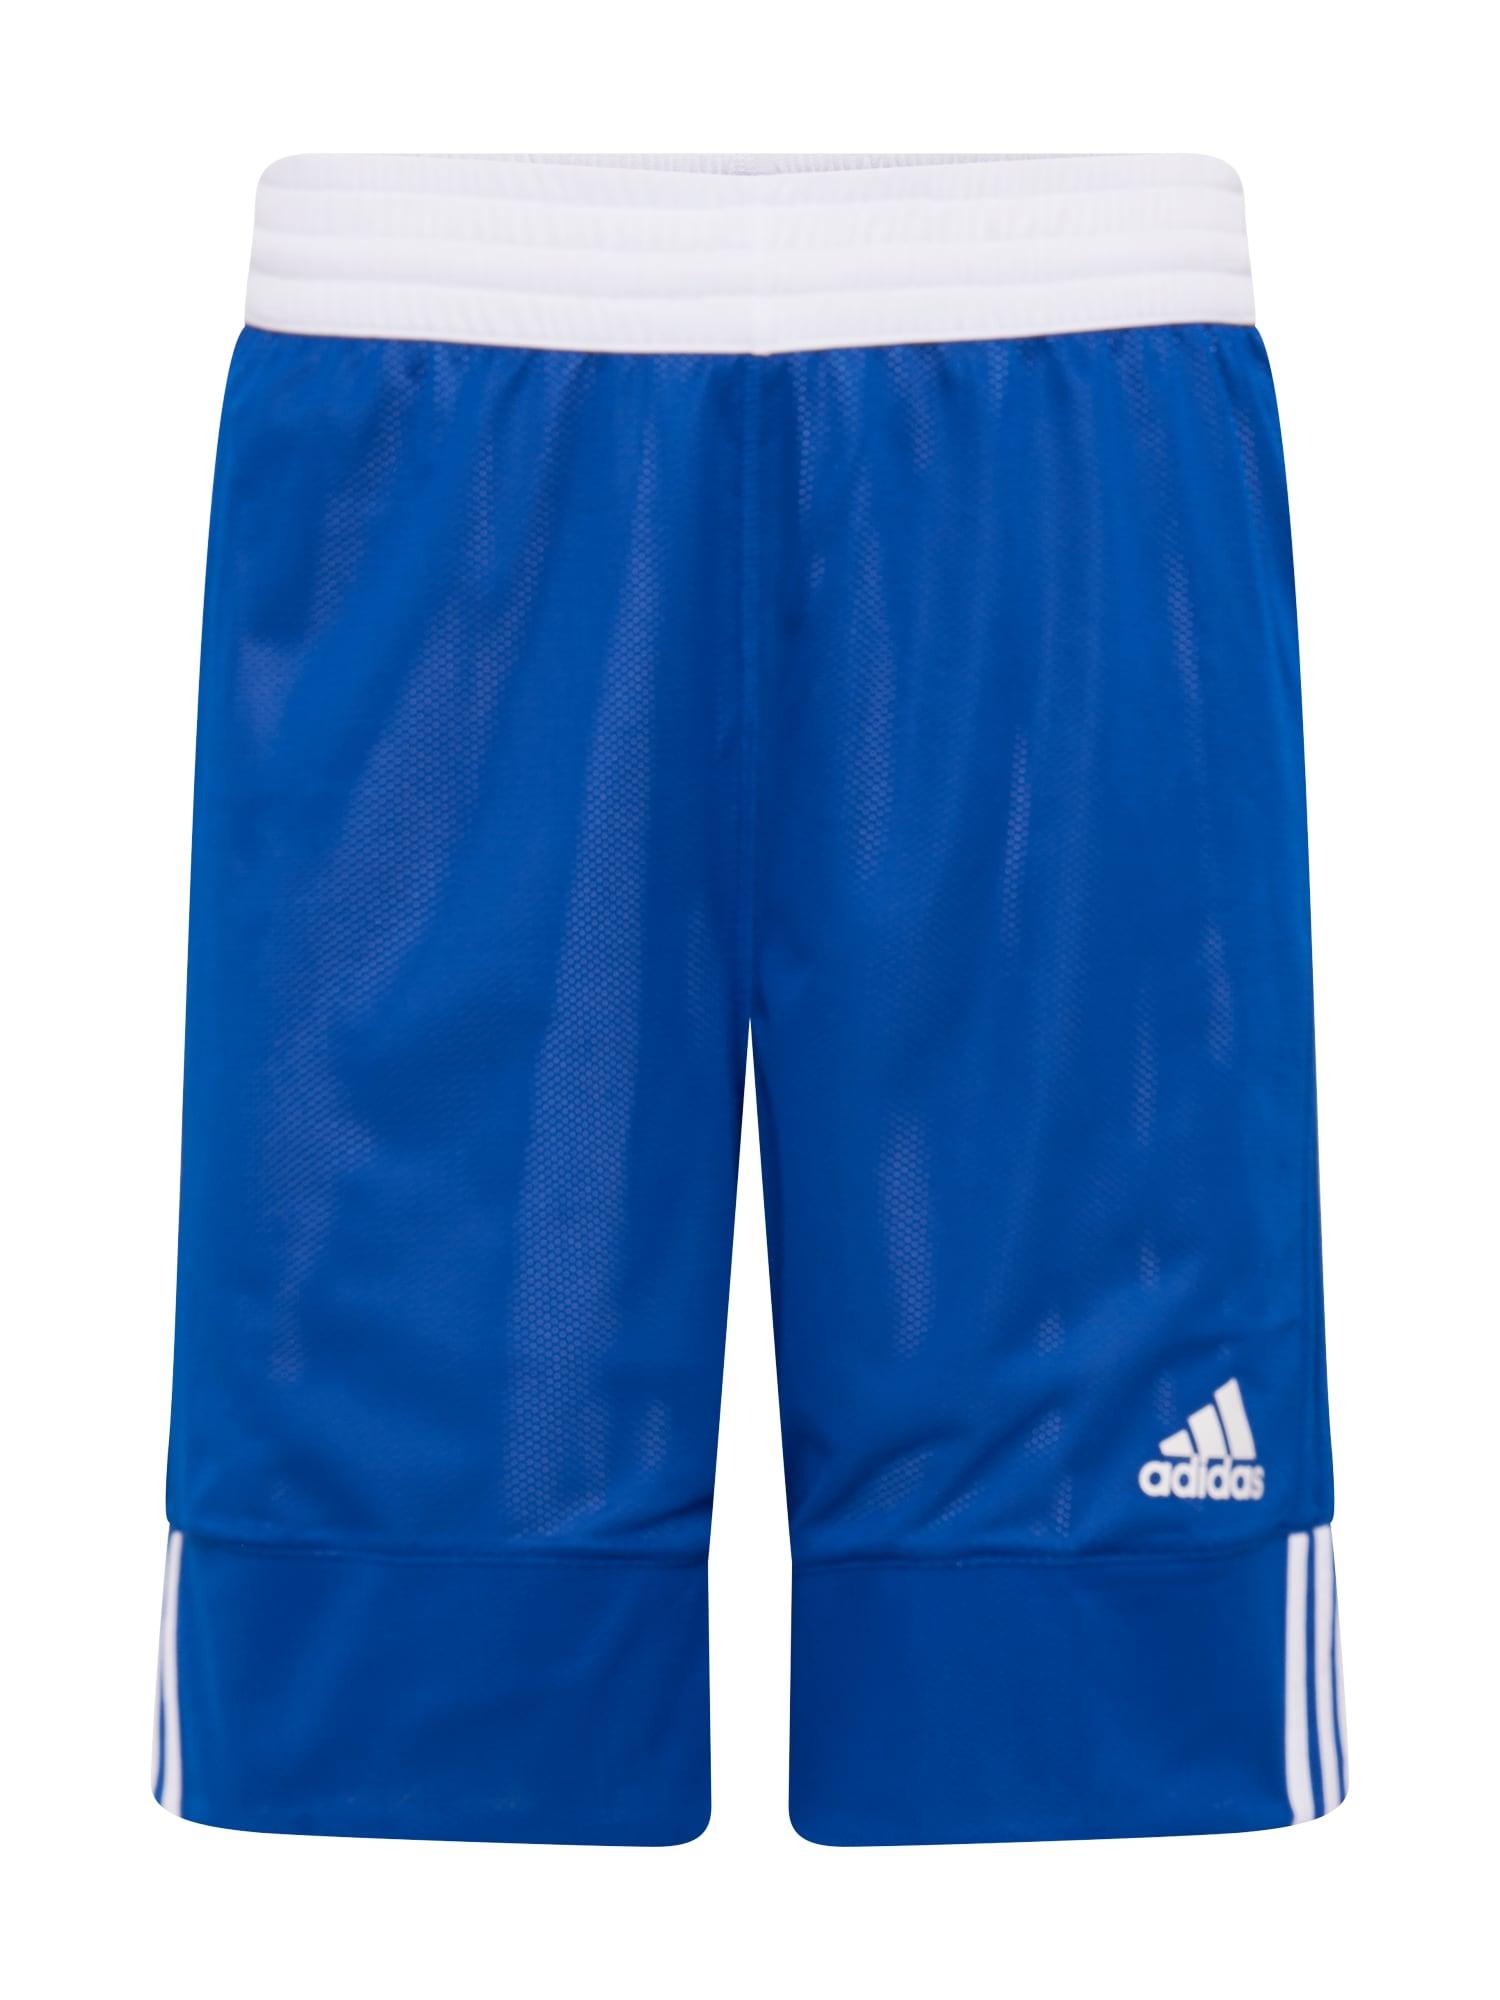 ADIDAS PERFORMANCE Sportinės kelnės mėlyna / balta